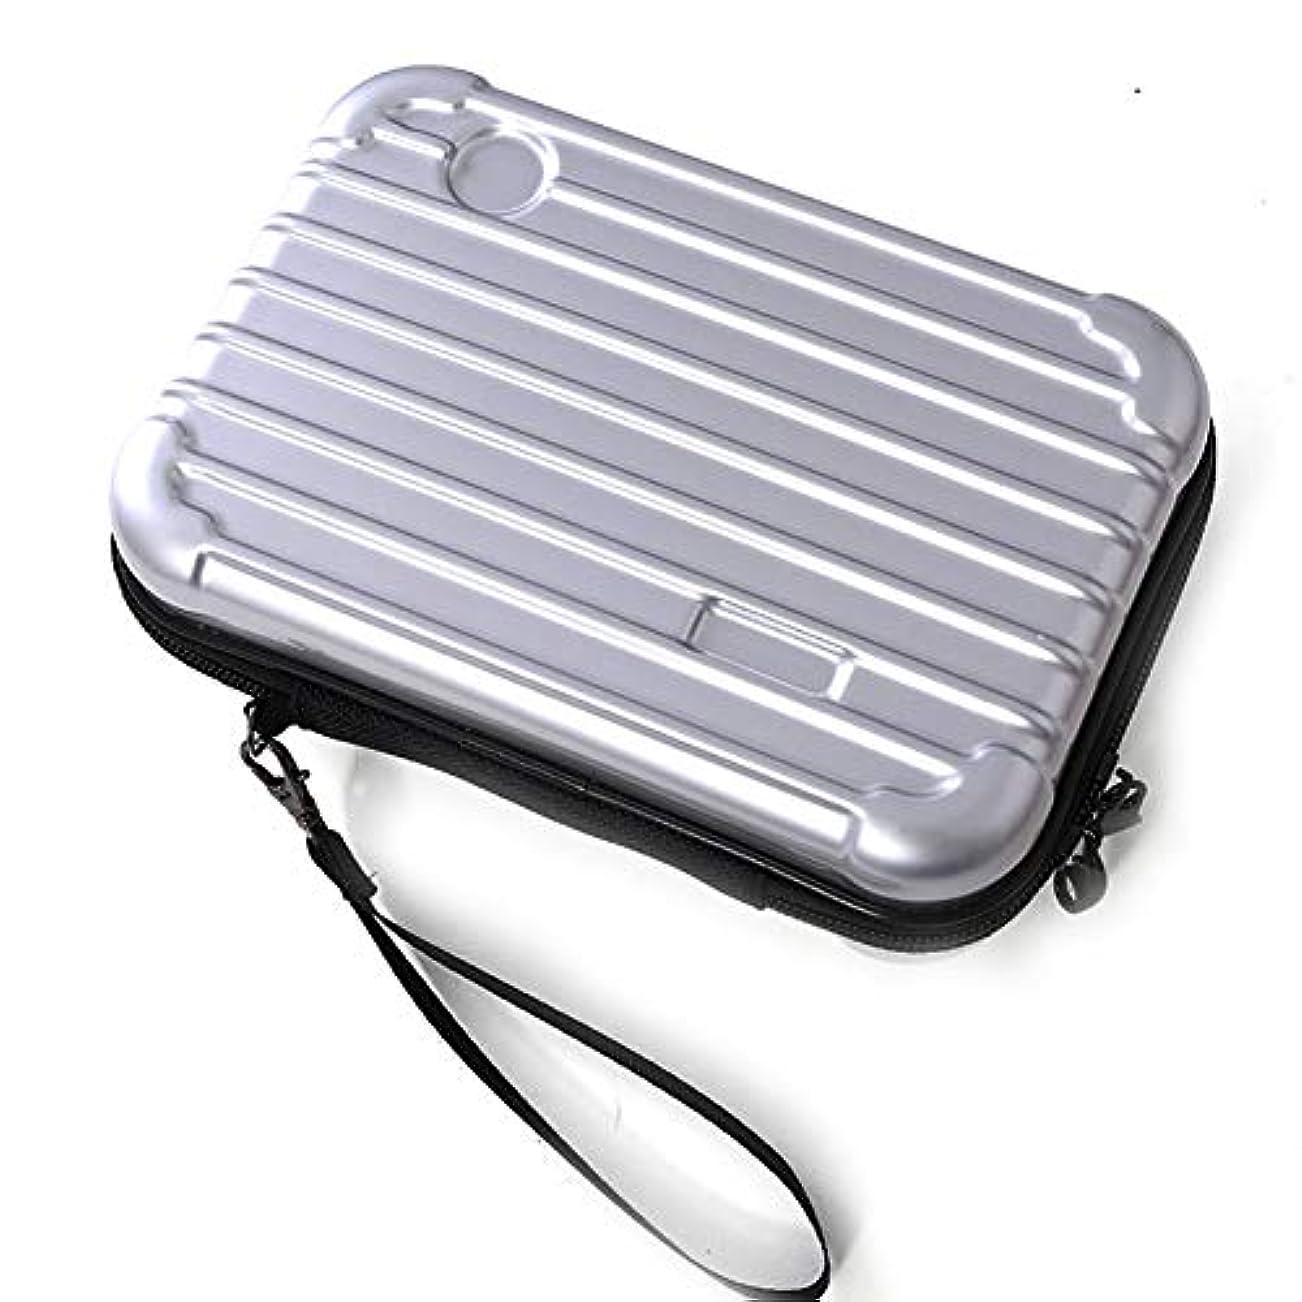 スパイラル司法頭痛Snner サコッシュ メンズ レディース ポーチ 化粧品 スーツケース 型 ミニ 旅行 バッグ アイコス スマホ 通帳 ケース #1